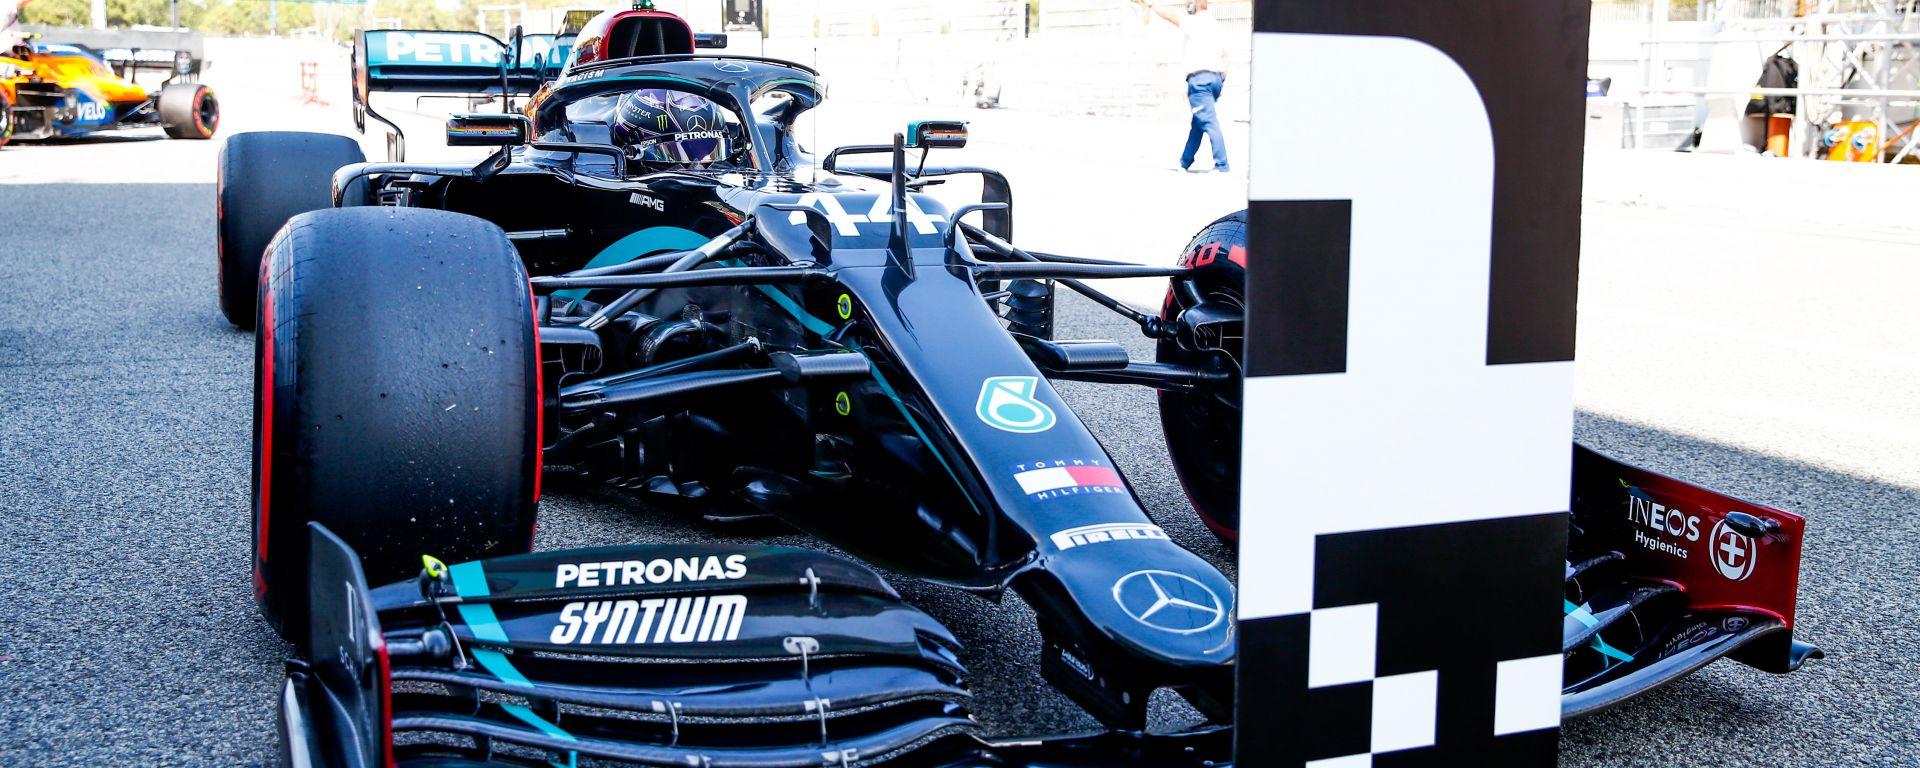 F1 GP Spagna 2020, Barcellona: Lewis Hamilton (Mercedes) parcheggia nel posto riservato al poleman